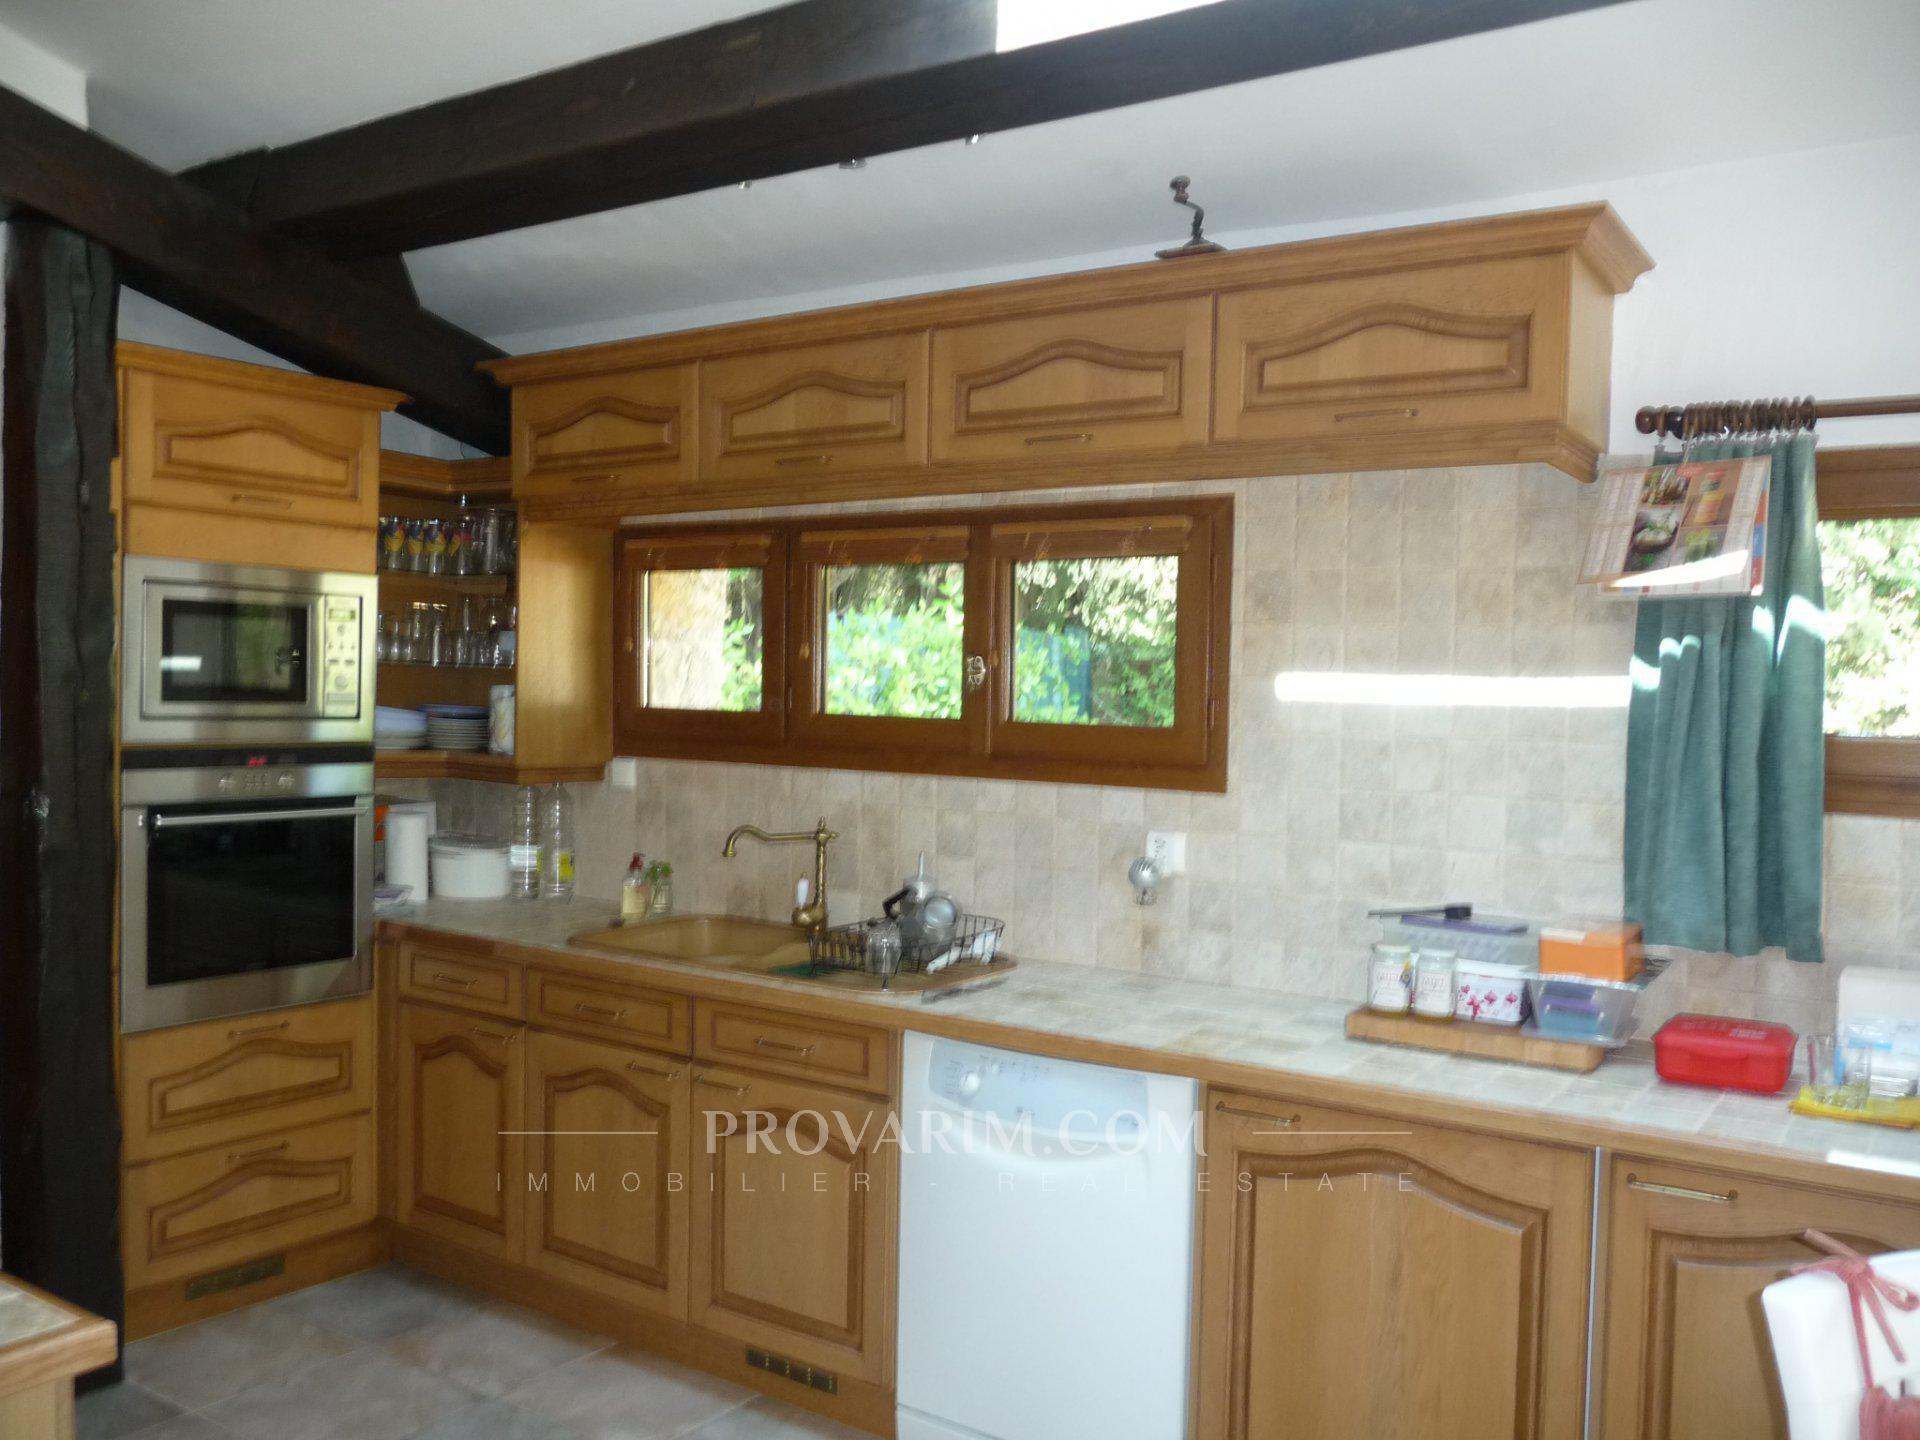 Betaalt de fayence oud gerenoveerd huis op een mooie vlakke kavel